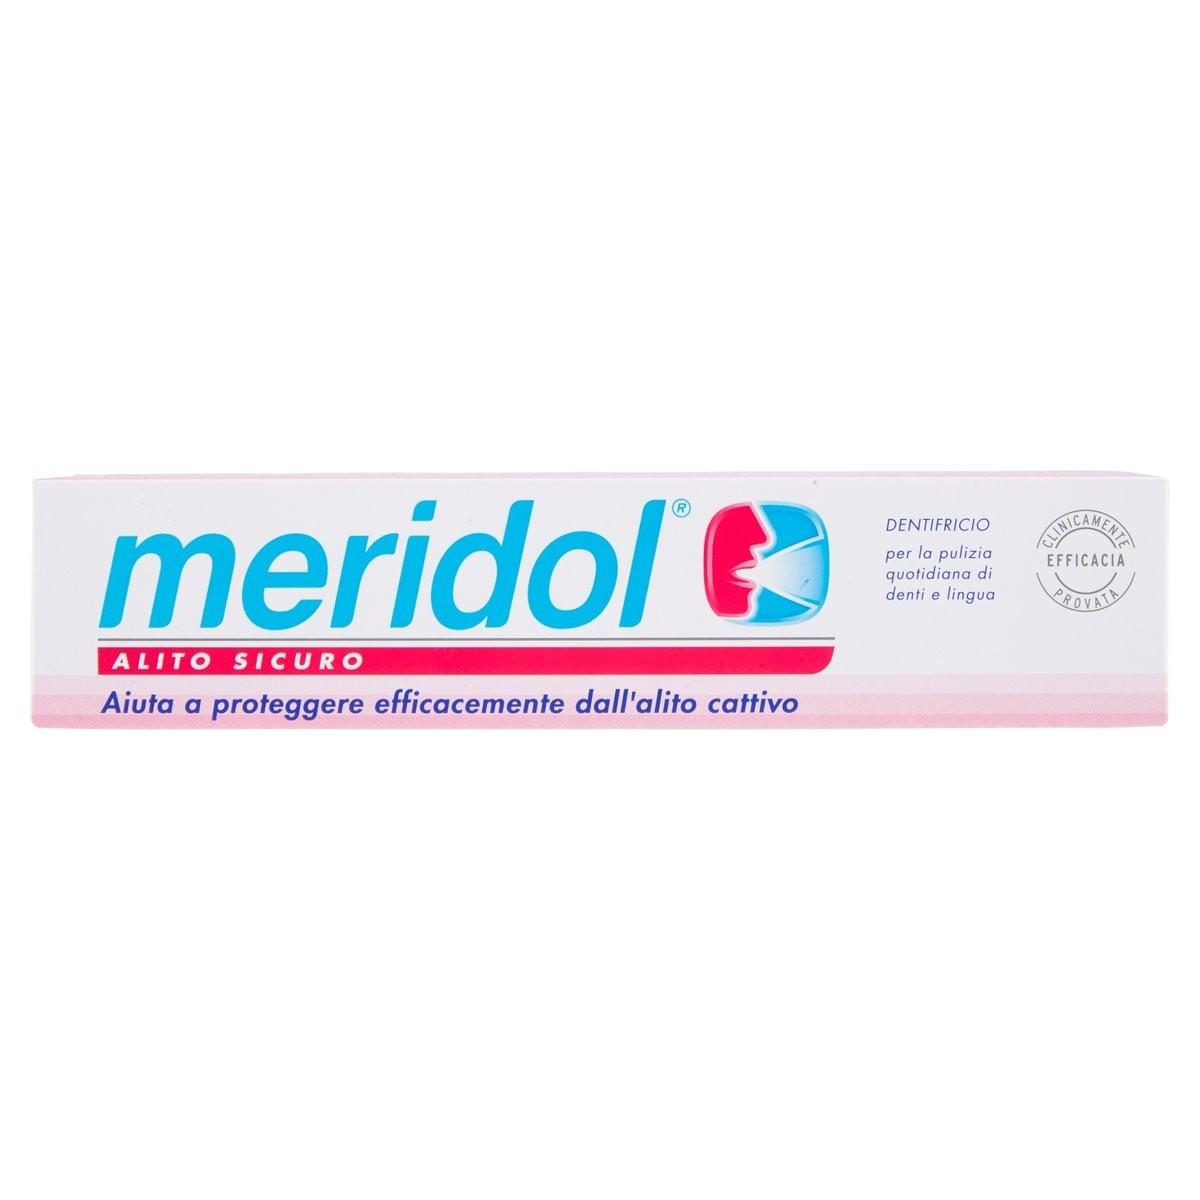 Meridol Dentifricio Alito Sicuro